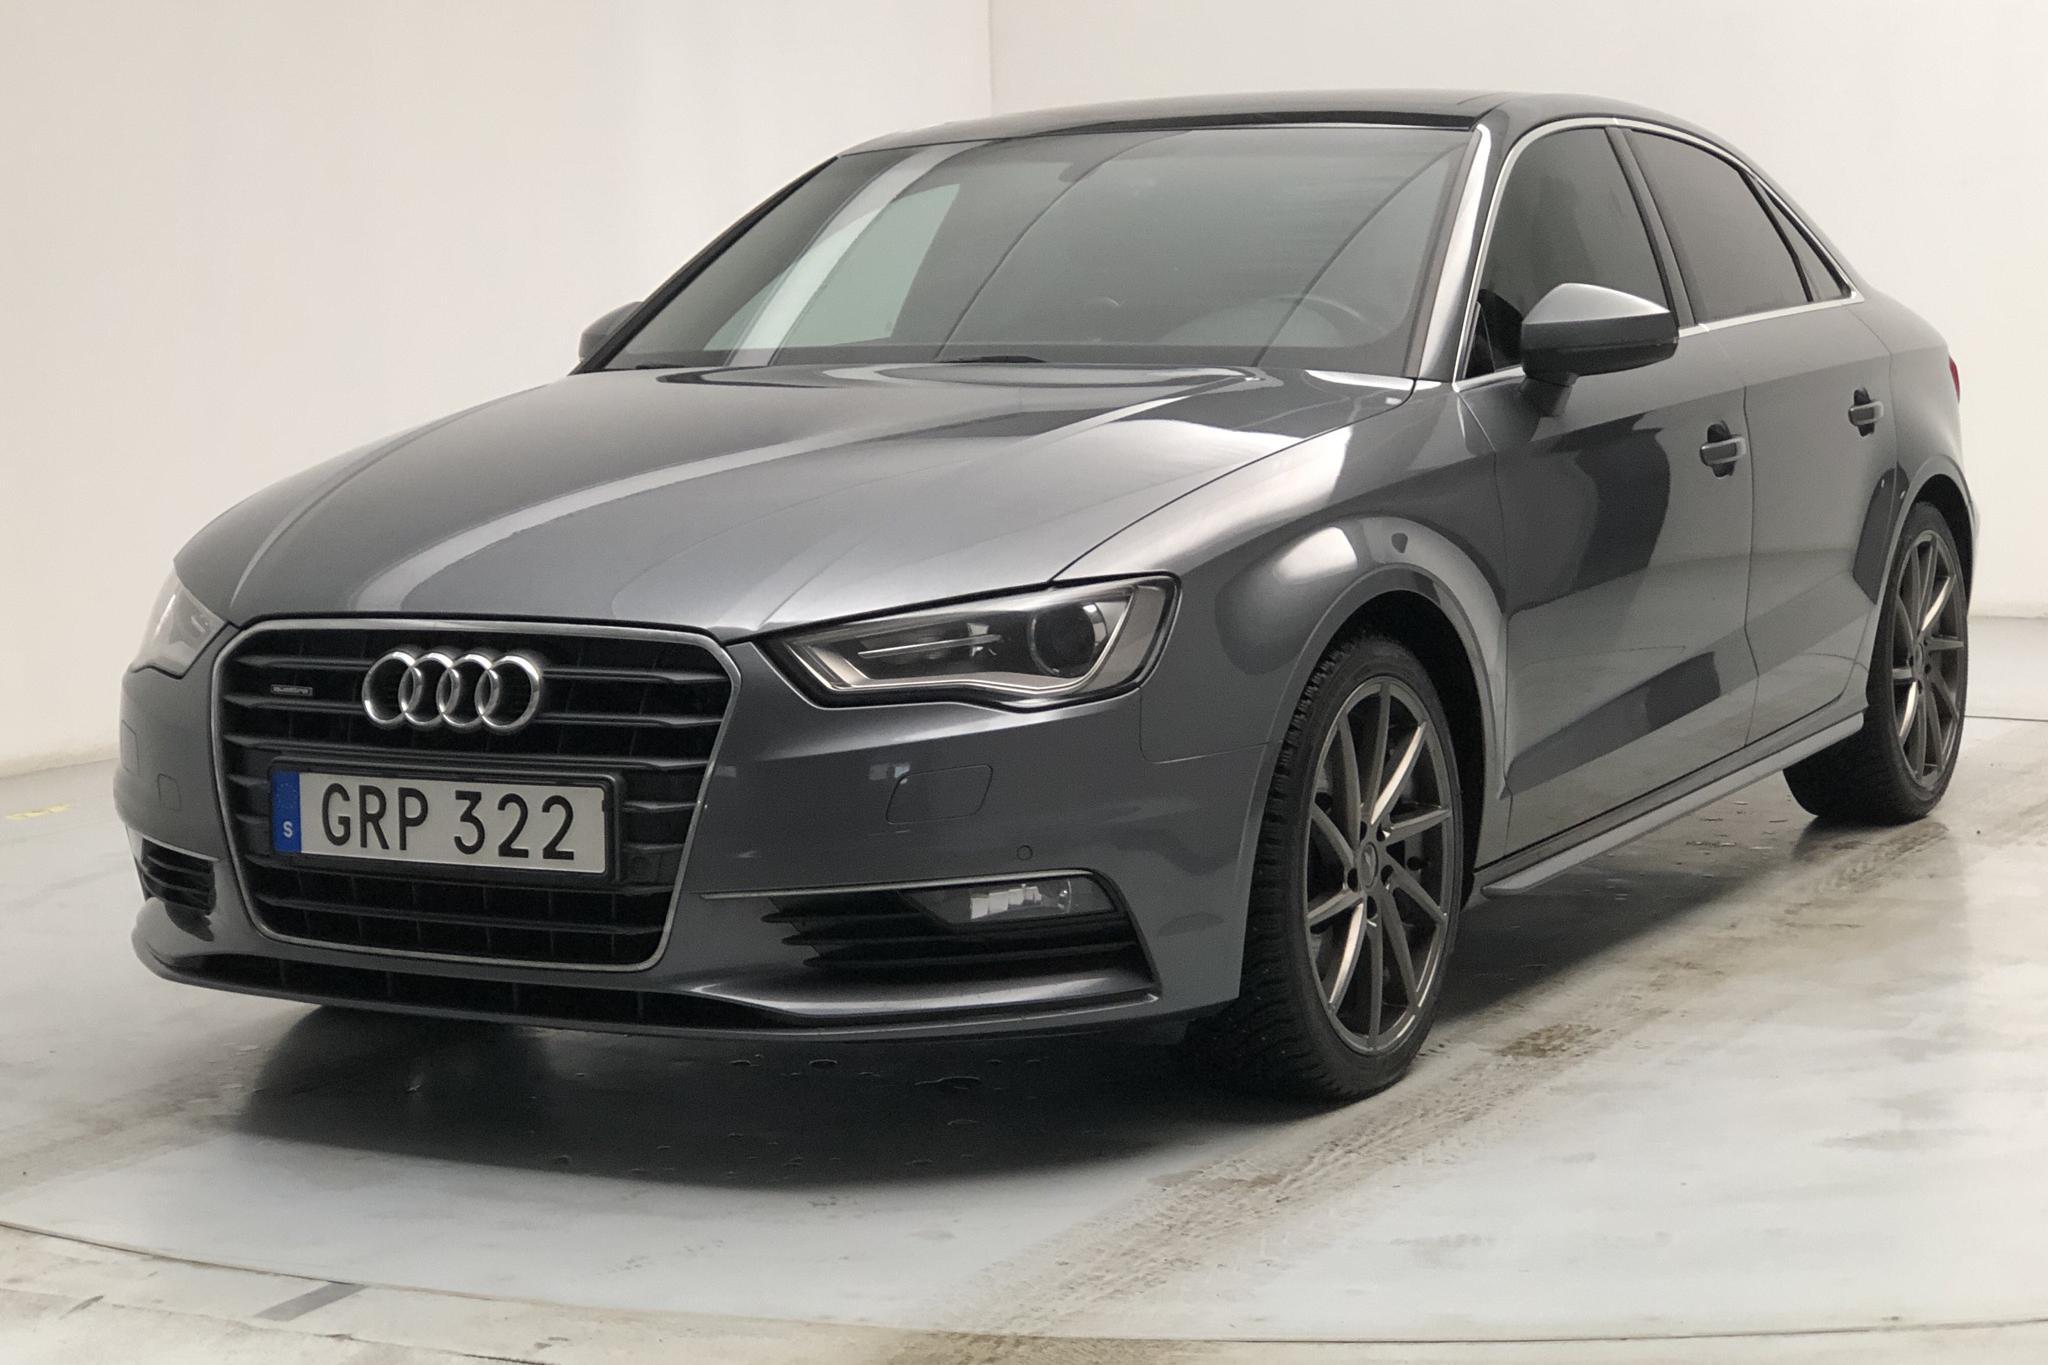 Audi A3 2.0 TDI Sedan quattro (184hk) - 11 668 mil - Automat - grå - 2015